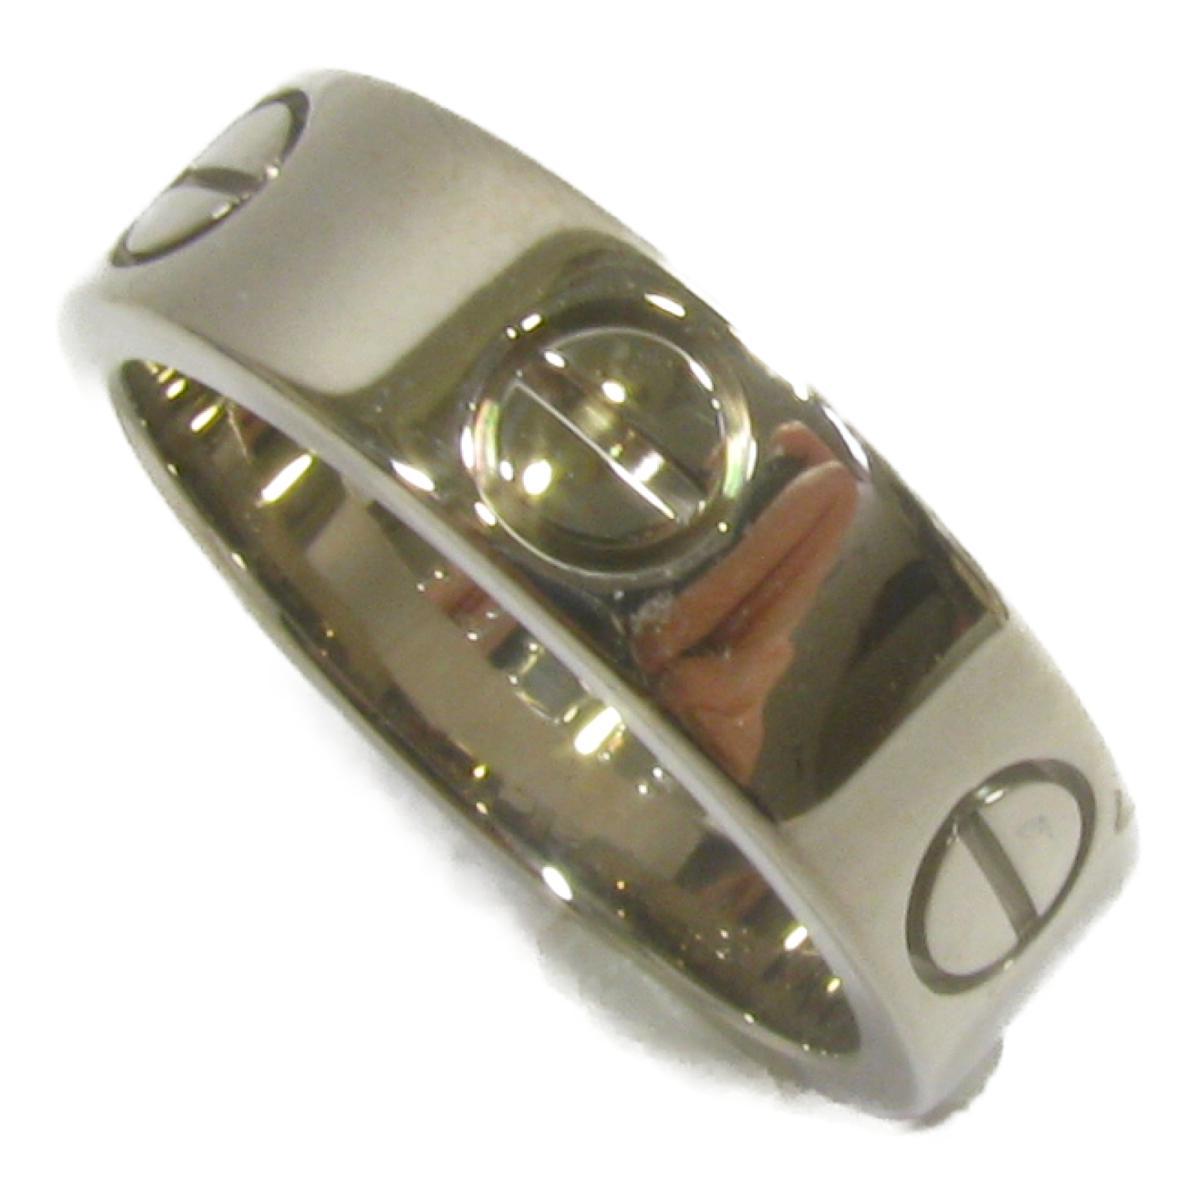 カルティエ ラブリング 指輪 ブランドジュエリー レディース K18WG -750 ホワイトゴールド シルバー 【中古】 | Cartier BRANDOFF ブランドオフ ブランド ジュエリー アクセサリー リング